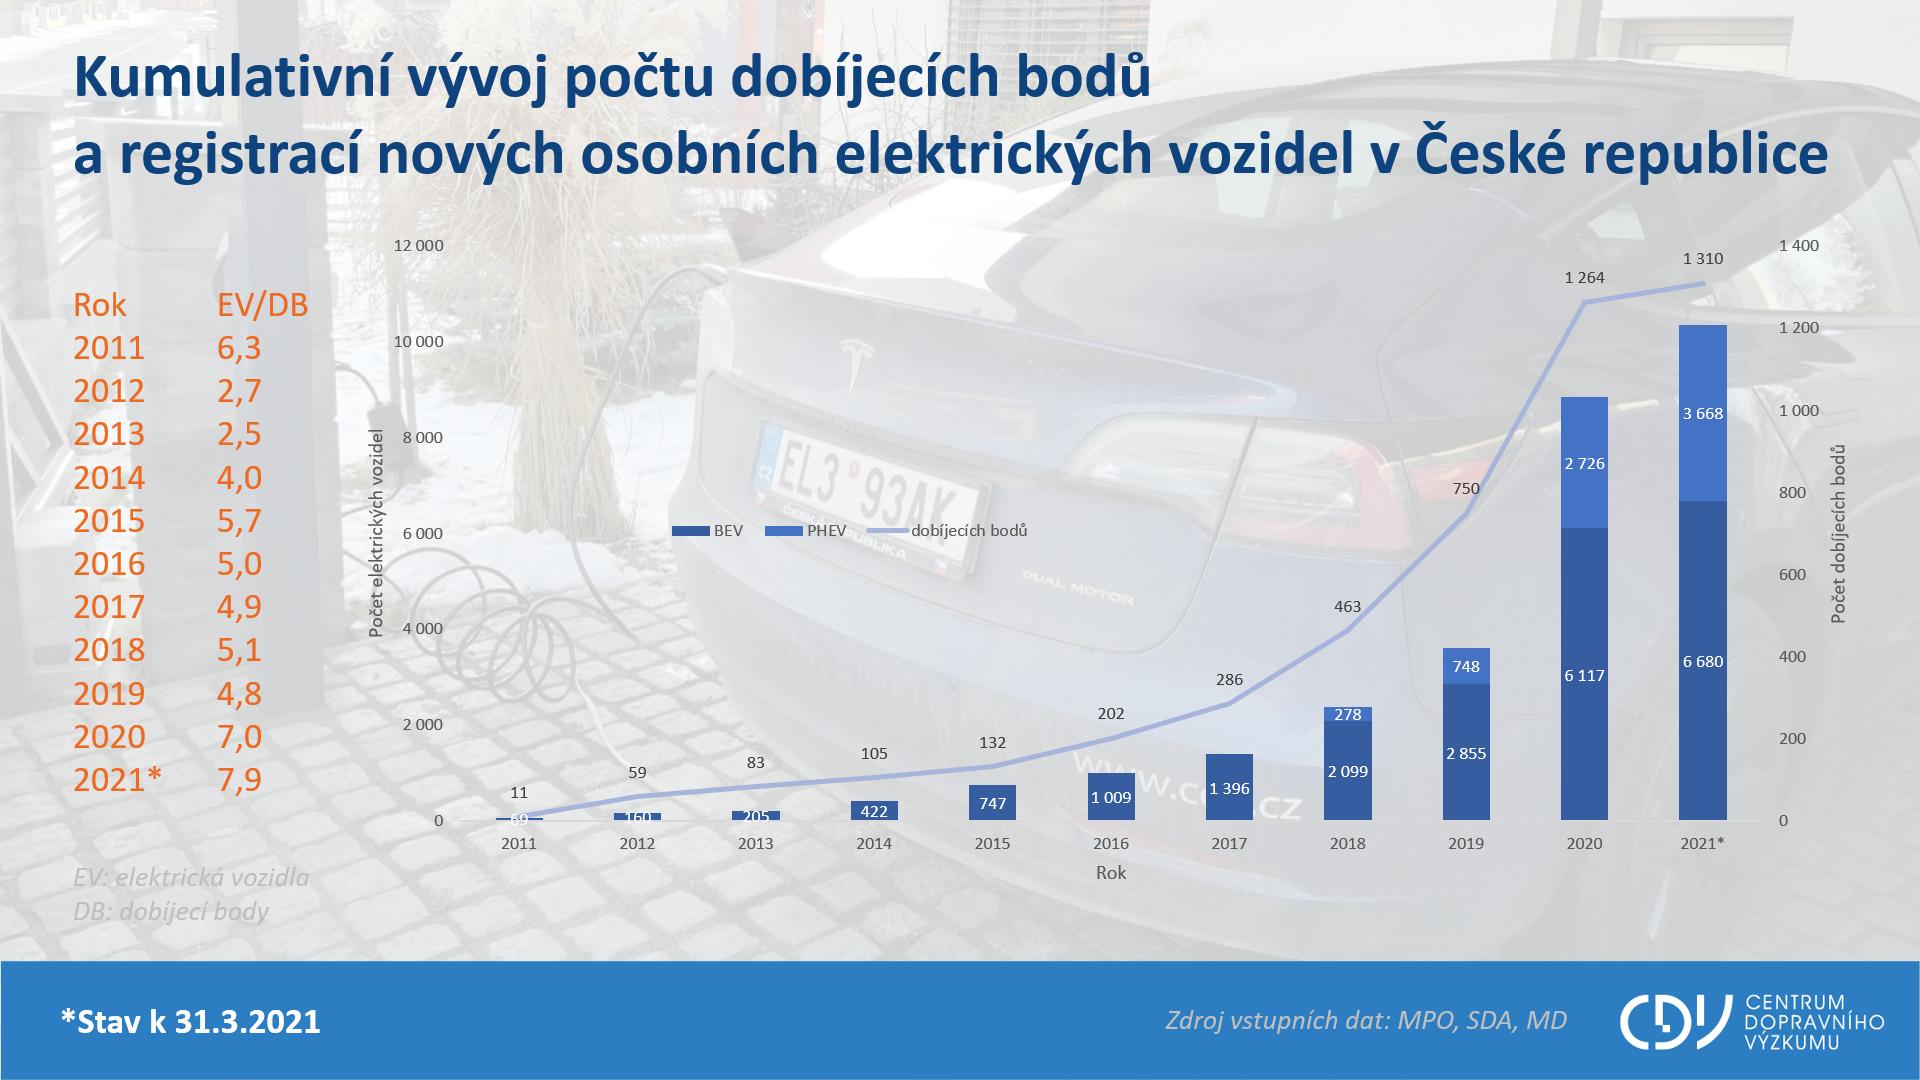 TZ: 700 dobíjecích stanic v Česku provozuje 61 subjektů 01